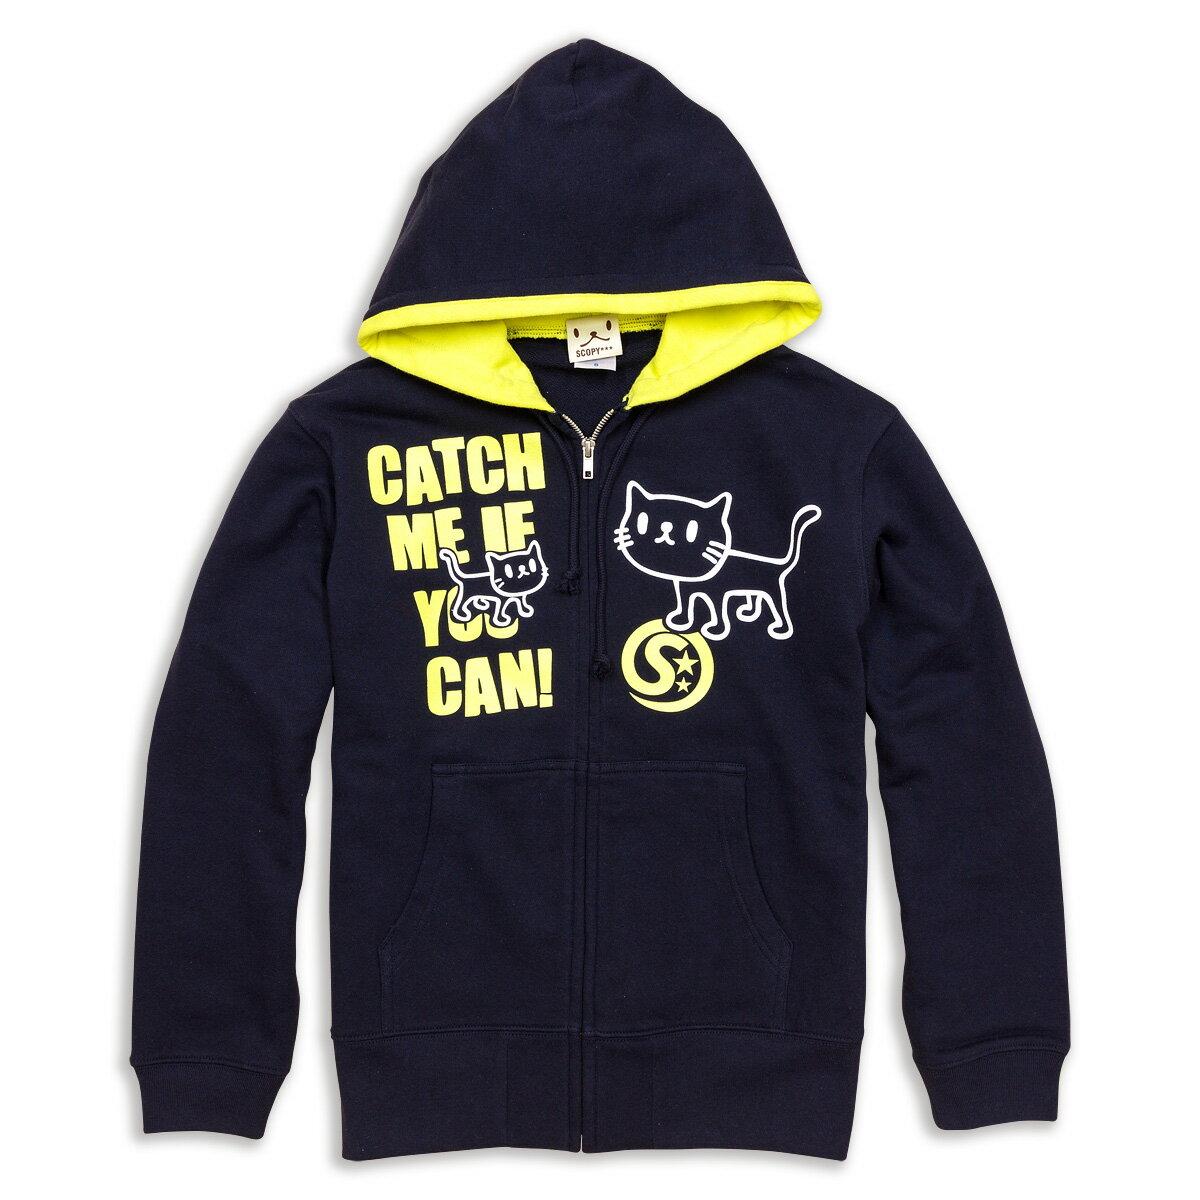 猫 ねこ パーカー CATCH ME ( ネイビー×イエロー )   ネコ 猫柄 猫雑貨   メンズ レディース かわいい おしゃれ 大人 ペアルック お揃い プレゼント   大きいサイズ   SCOPY / スコーピー